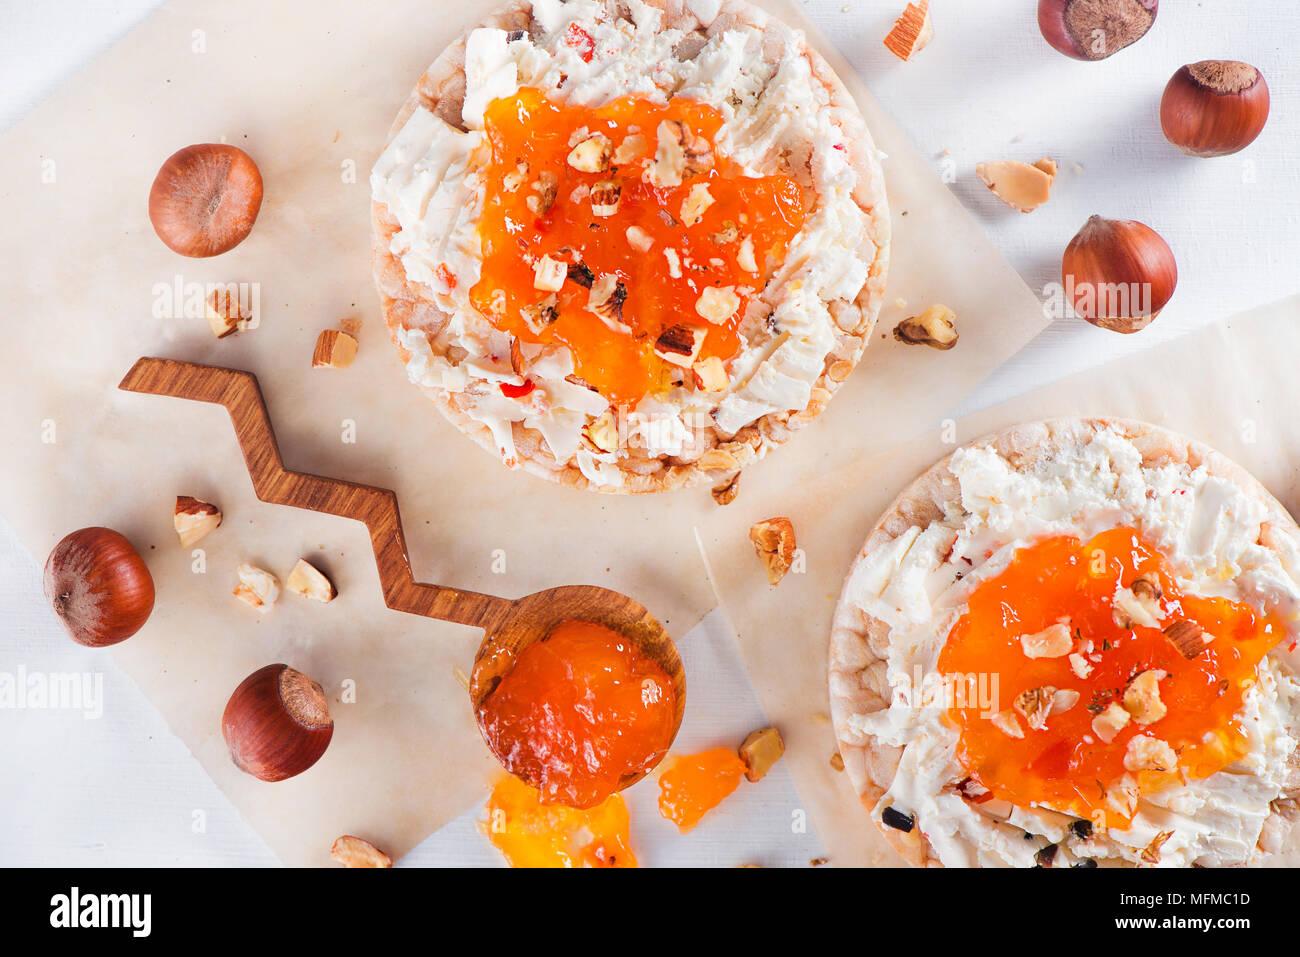 Knäckebrot Snack mit Feta Käse, Aprikosenmarmelade und Haselnüsse. Einfaches Frühstück close-up auf weißem Hintergrund mit kopieren. Stockbild